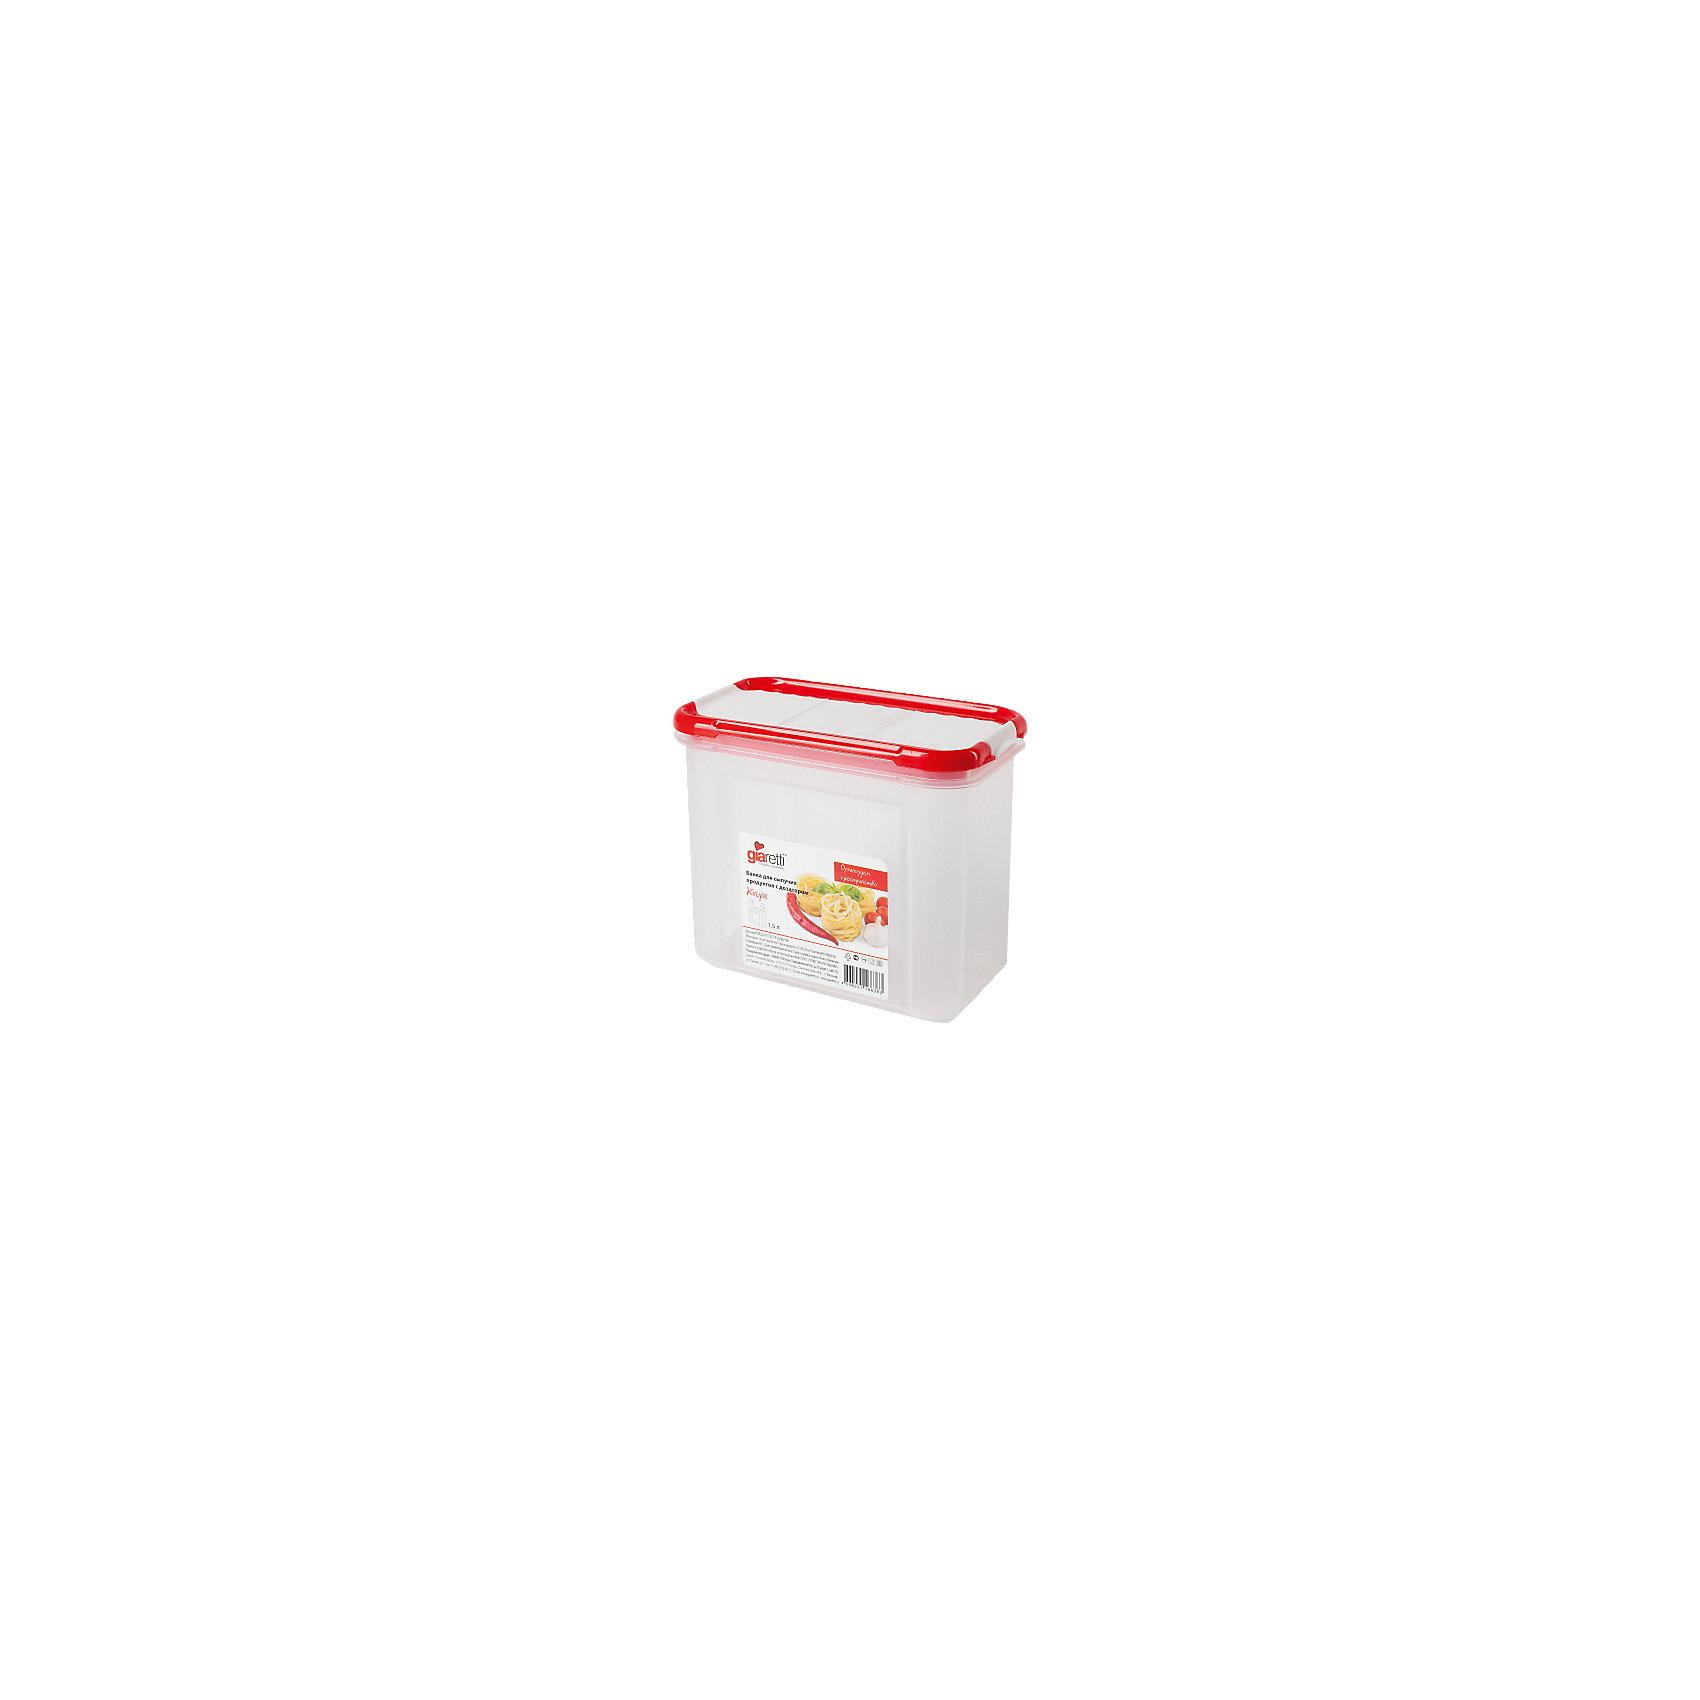 Банка для сыпучих продуктов с дозатором Krupa 1 л, GiarettiПосуда<br>Банки для сыпучих продуктов предназначены для хранения круп, сахара, макаронных изделий, сладостей и т.п., в том числе для продуктов с ярким ароматом (специи и пр.). Строгая прямоугольная форма банок поможет Вам организовать пространство максимально комфортно, не теряя полезную площадь. При этом банки устанавливаются одна на другую, что способствует экономии пространства в Вашем шкафу. Плотная крышка не пропускает запахи, и они не смешиваются в Вашем шкафу. Благодаря разнообразным отверстиям в дозаторе, Вам будет удобно насыпать как мелкие, так и крупные сыпучие продукты, что сделает процесс приготовления пищи проще.<br><br>Ширина мм: 172<br>Глубина мм: 88<br>Высота мм: 133<br>Вес г: 156<br>Возраст от месяцев: 216<br>Возраст до месяцев: 1188<br>Пол: Унисекс<br>Возраст: Детский<br>SKU: 5545631